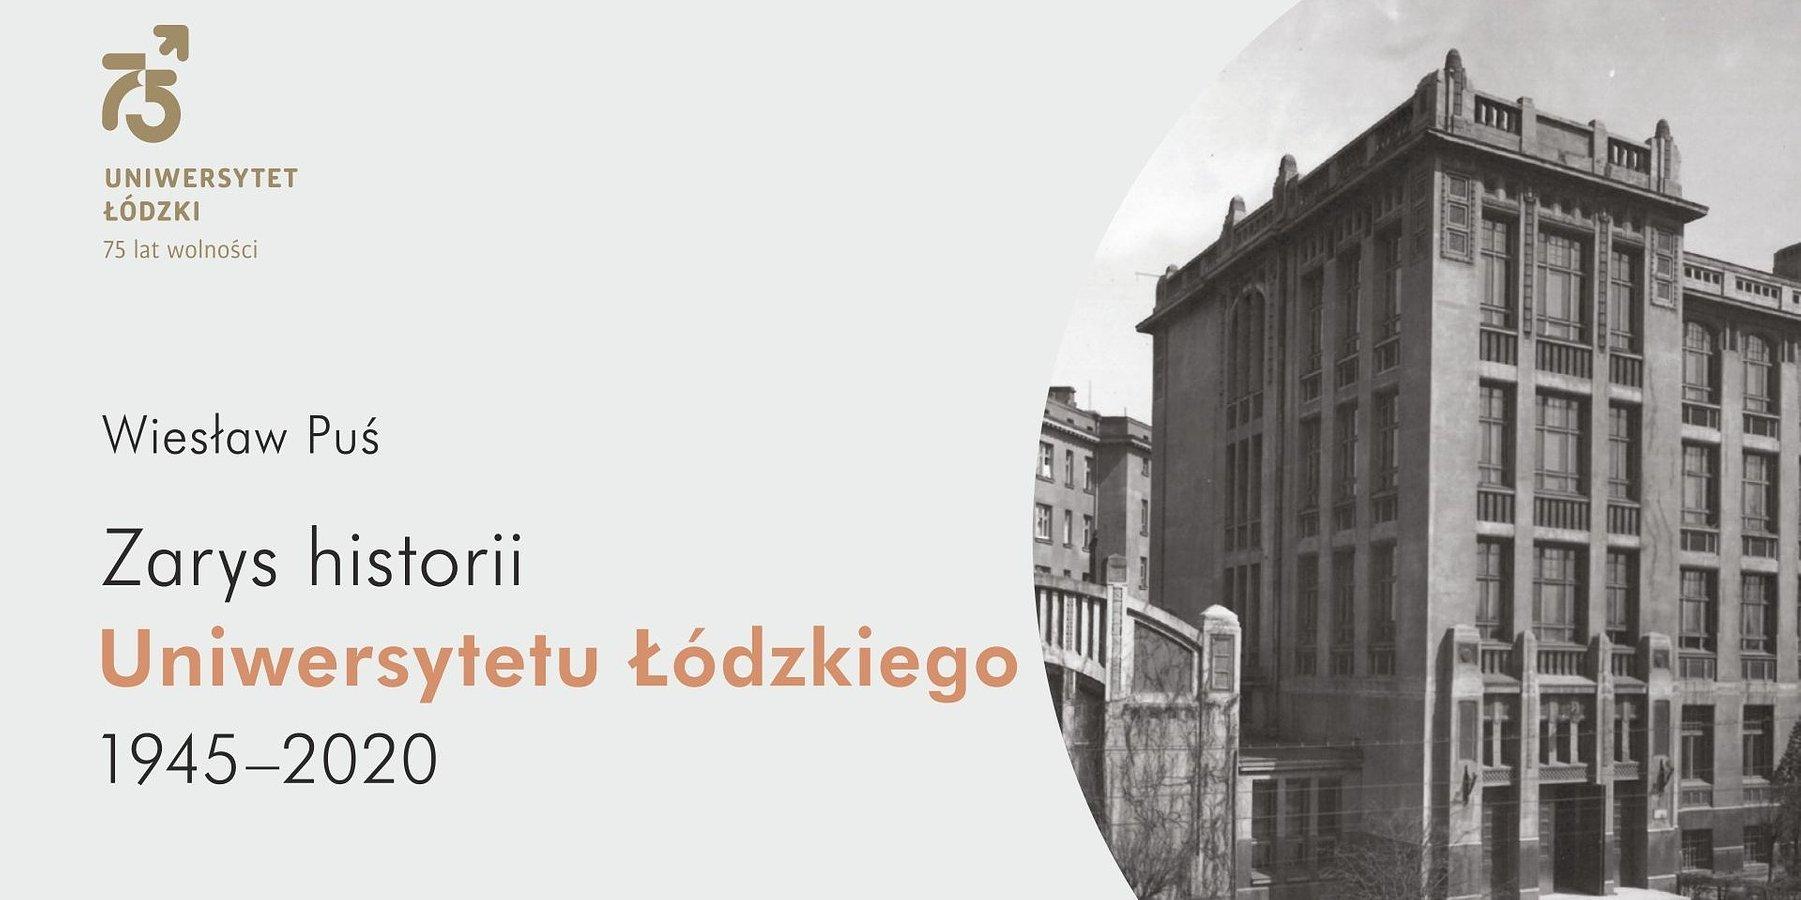 75 lat UŁ – nowa edycja książki prof. W. Pusia